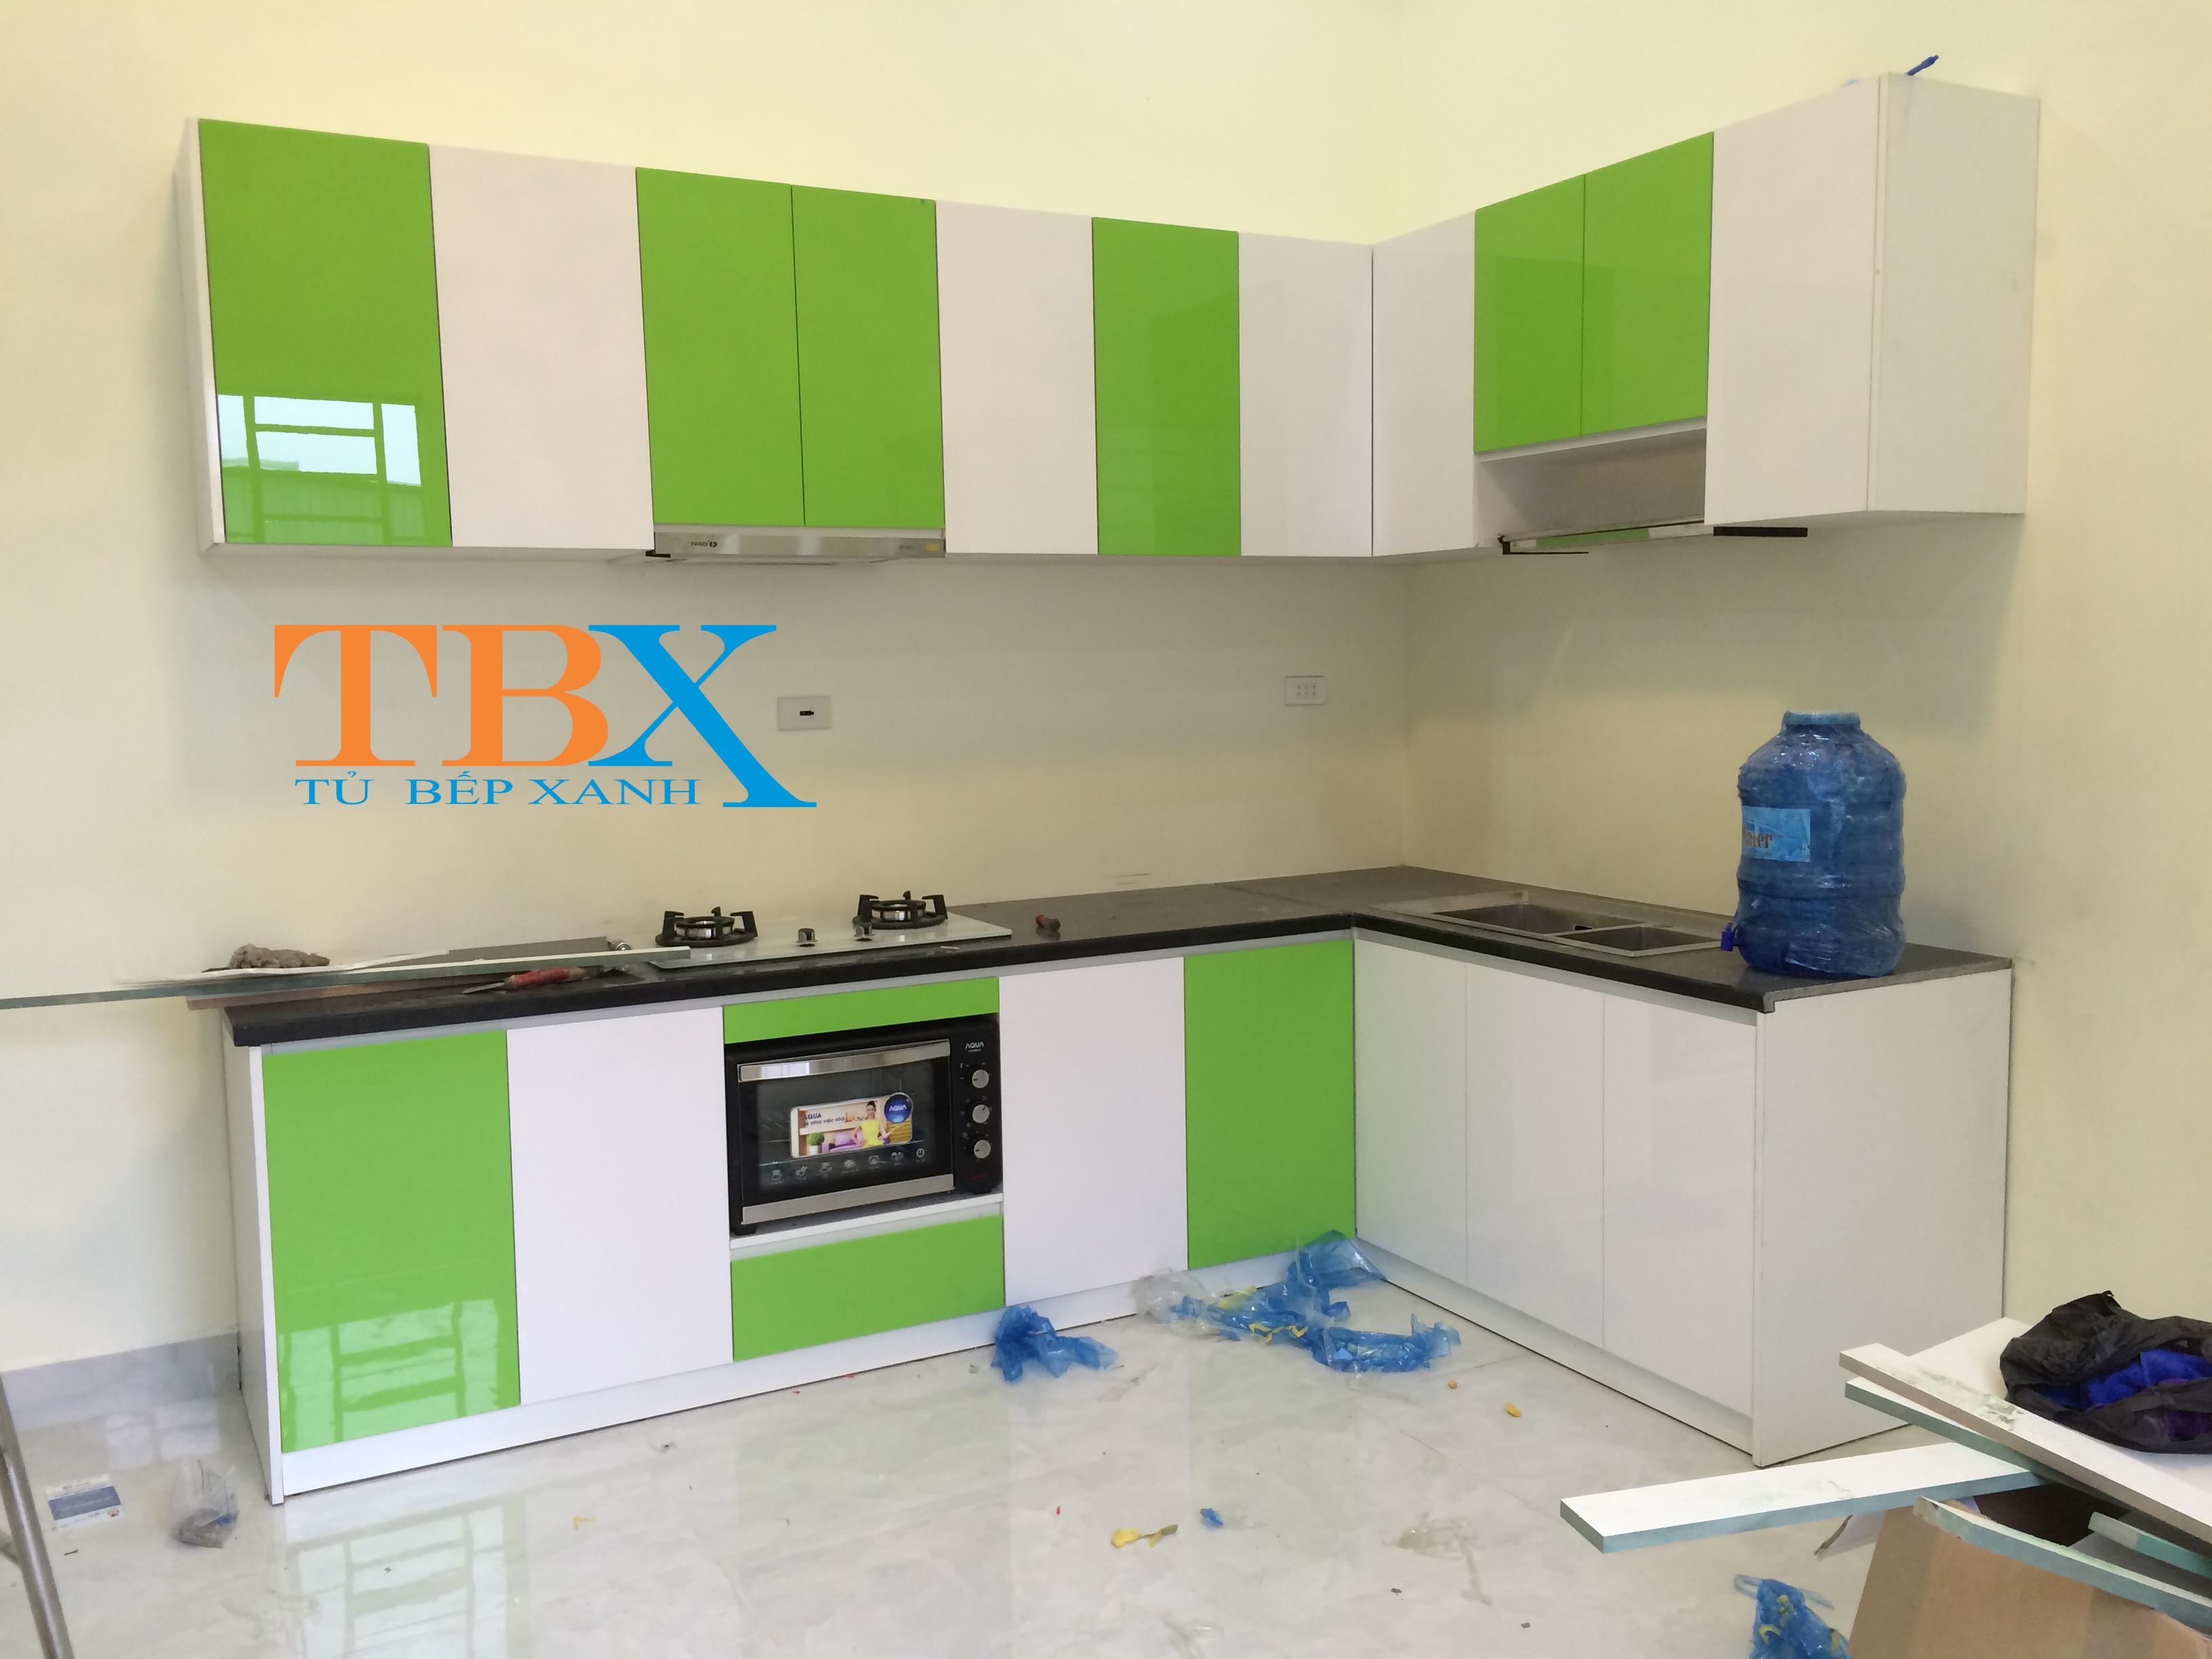 Tủ bếp màu xanh kết hợp trắng bằng acrylic